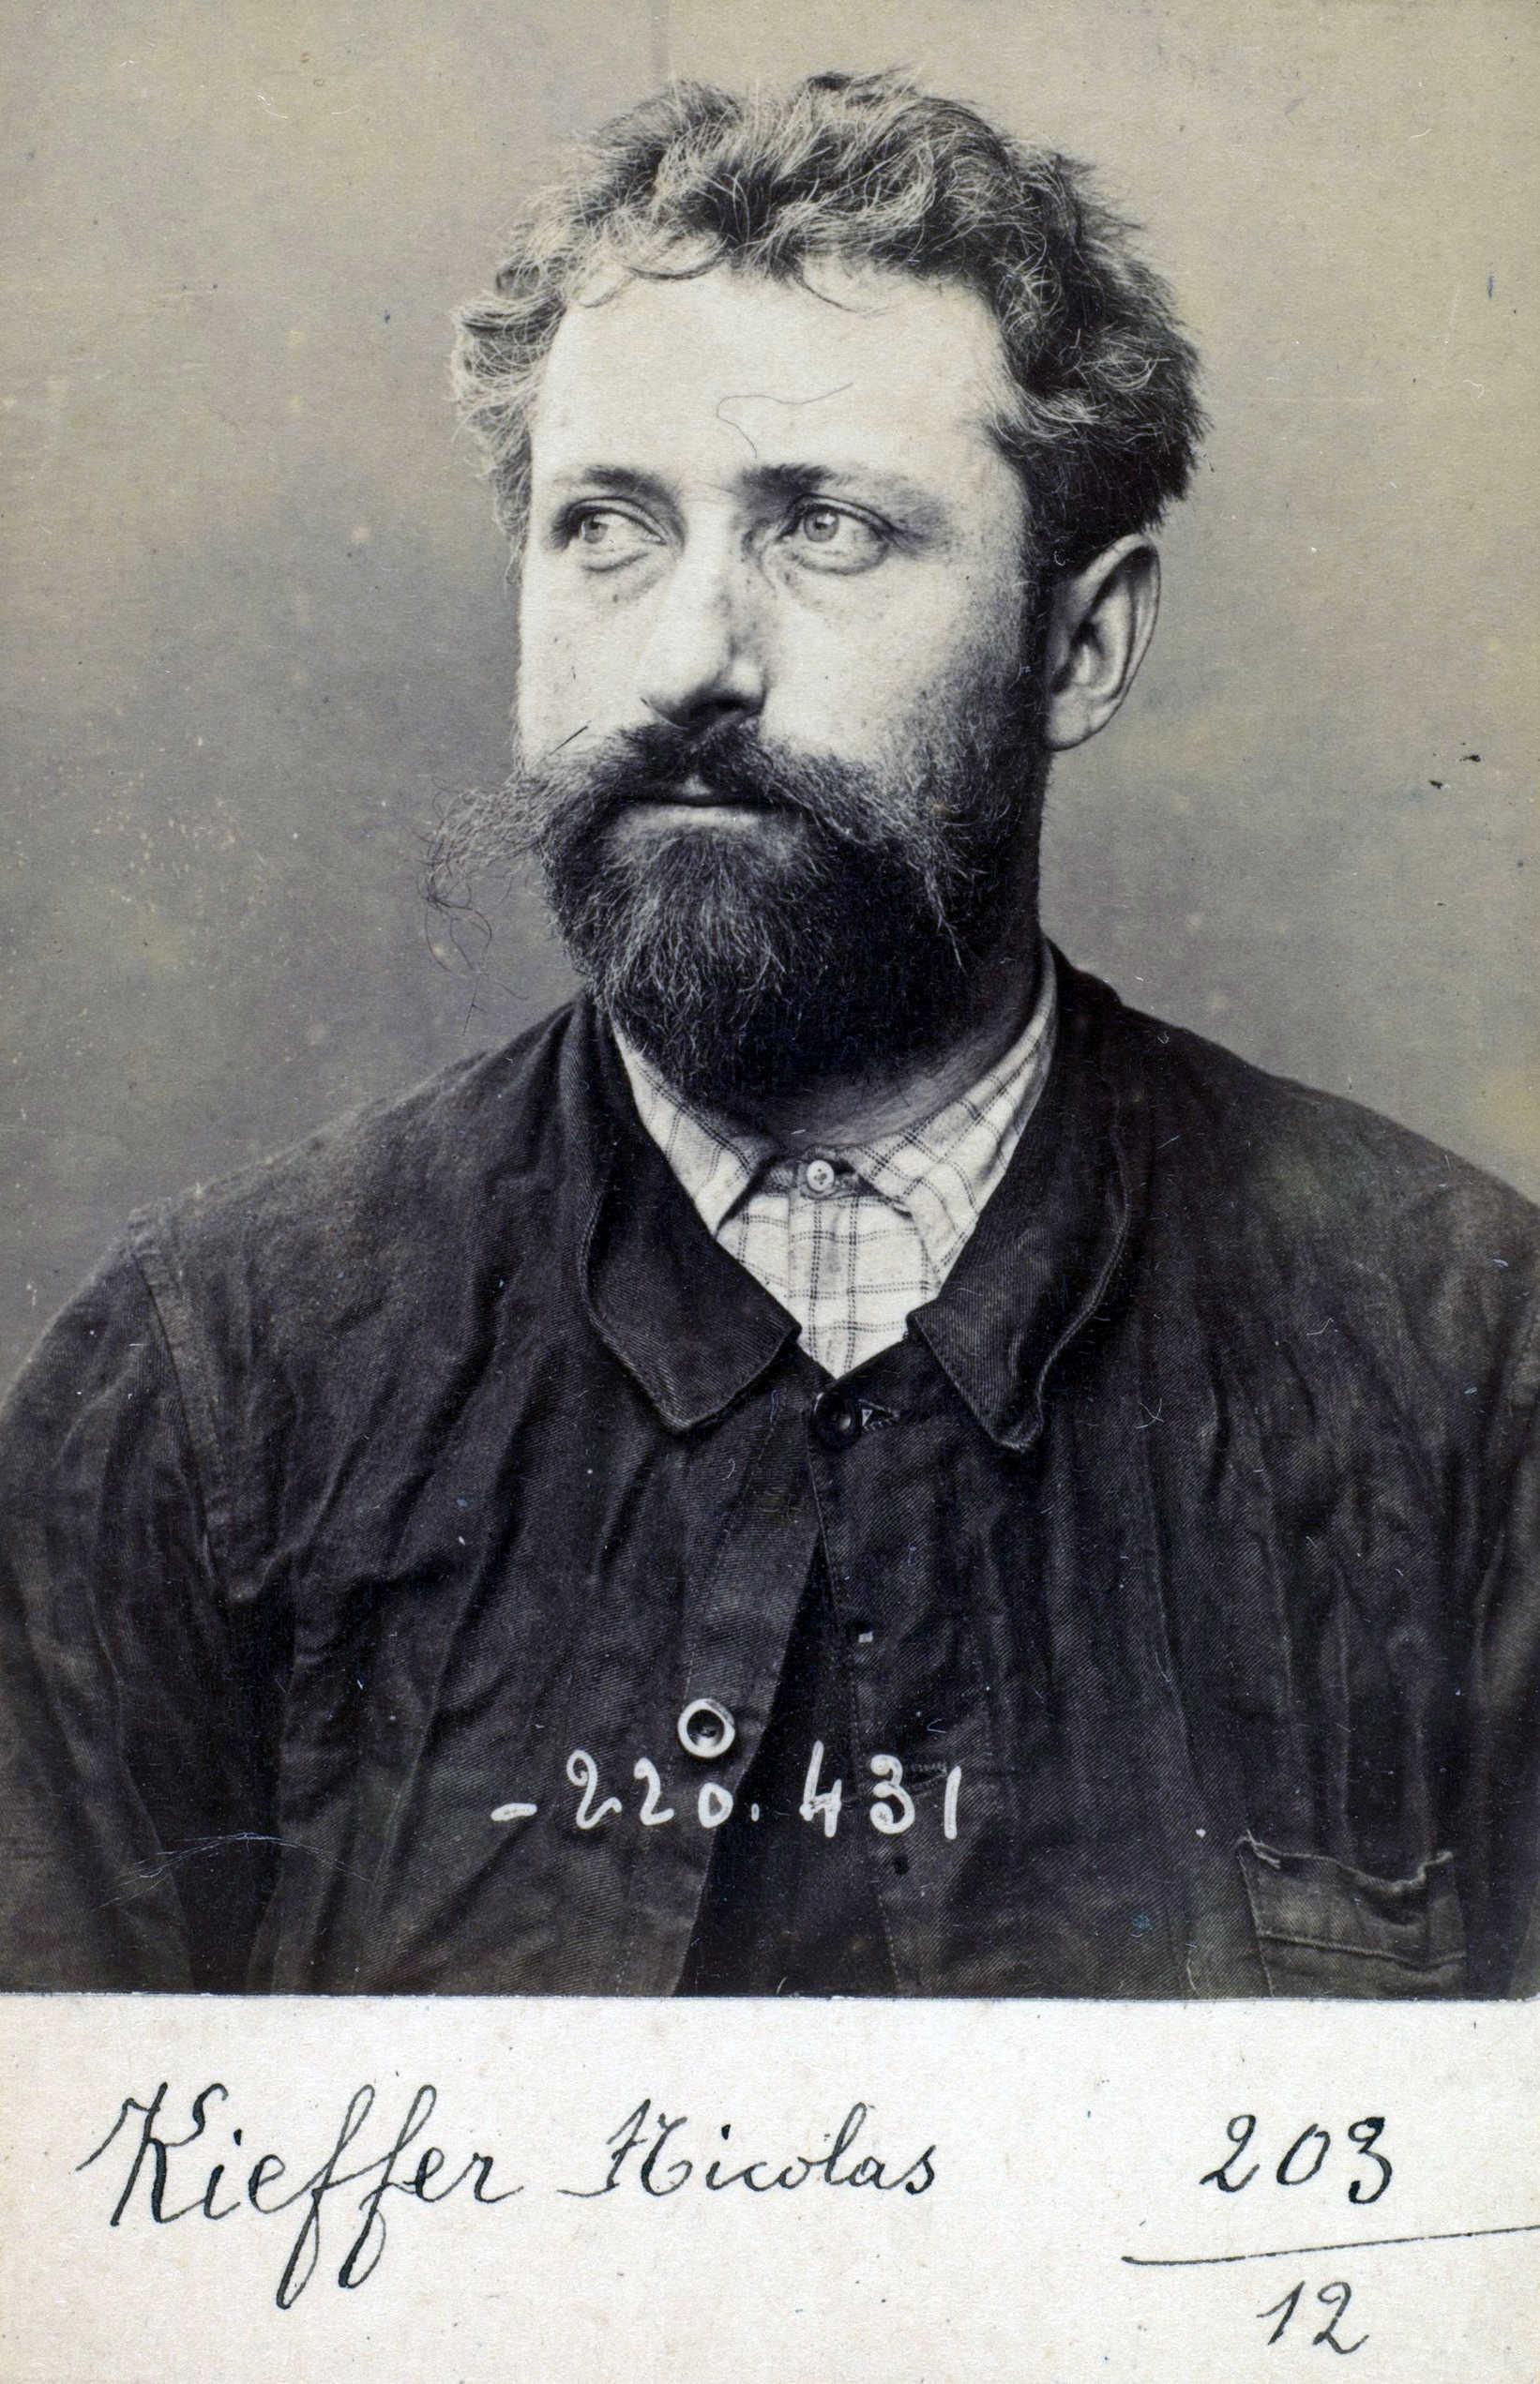 Foto policíaca de Nicolas Kieffer (2 de juliol de 1894)